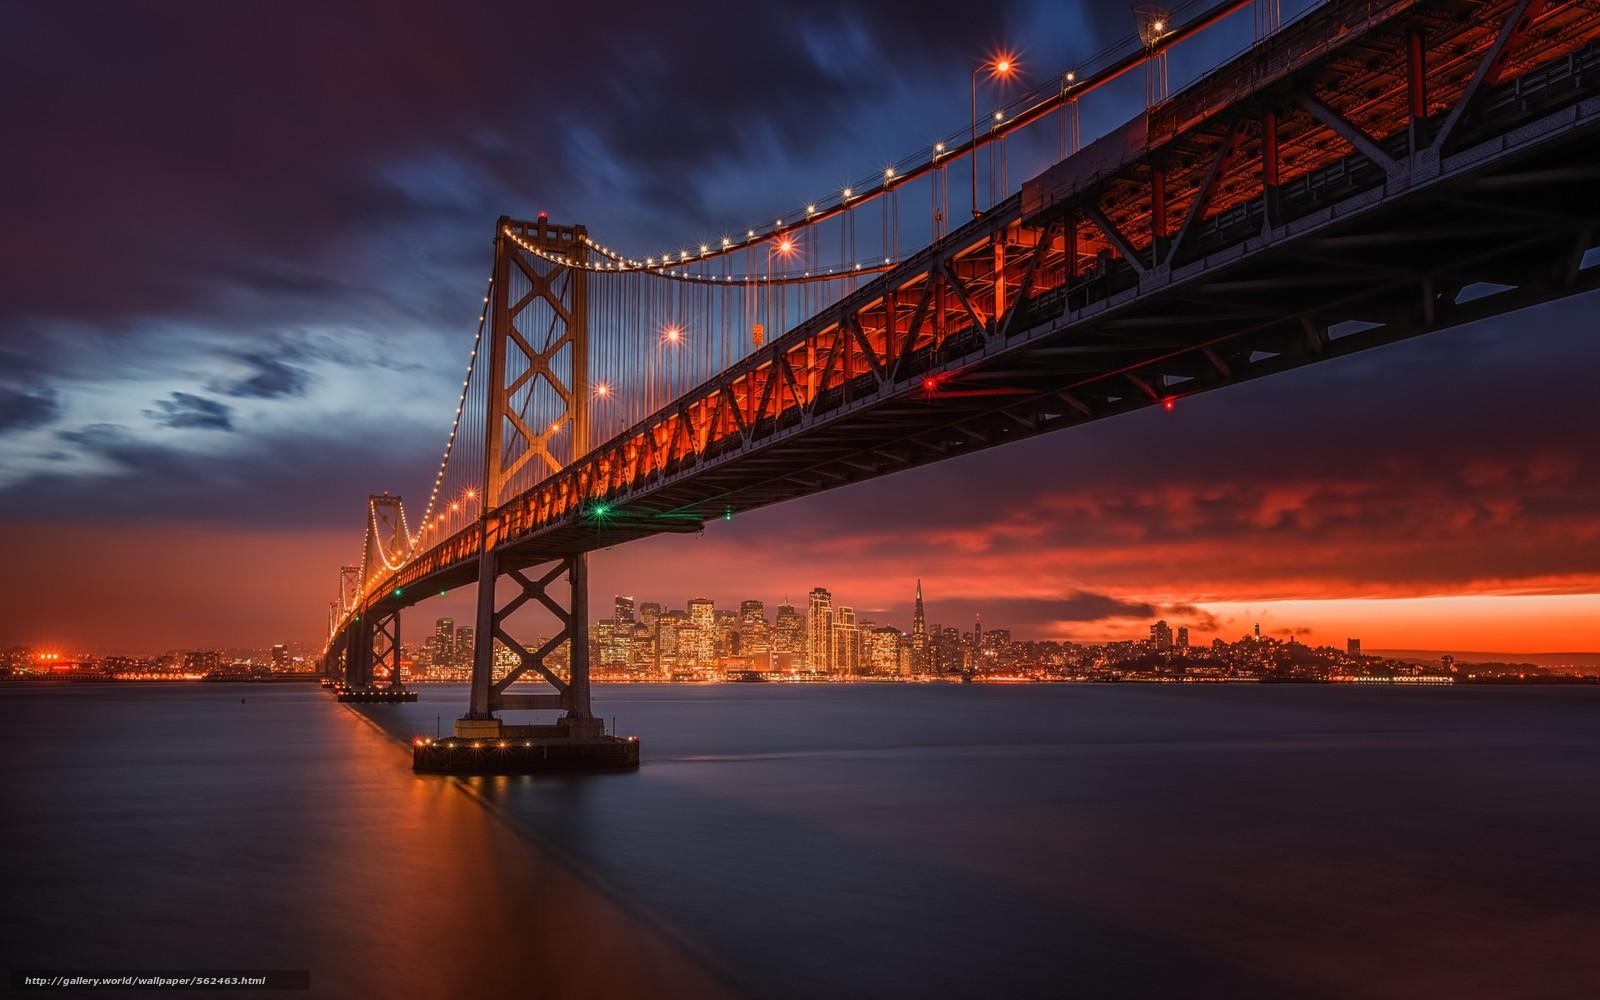 красивые мосты обои на рабочий стол № 183170 загрузить